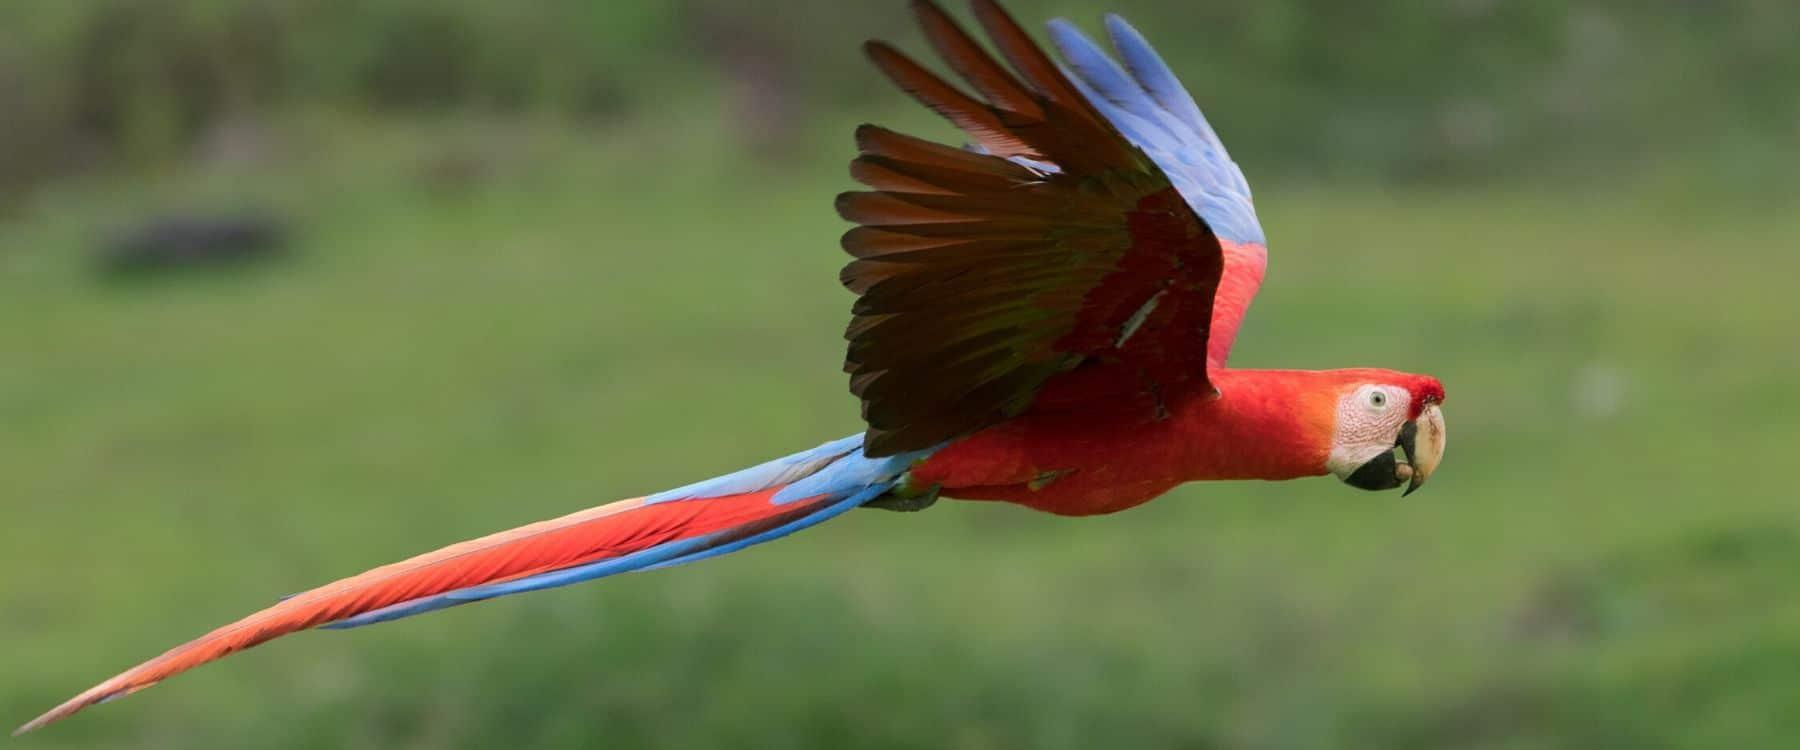 Comment Photographier Les Oiseaux En Vol ? concernant Vol Petit Oiseau